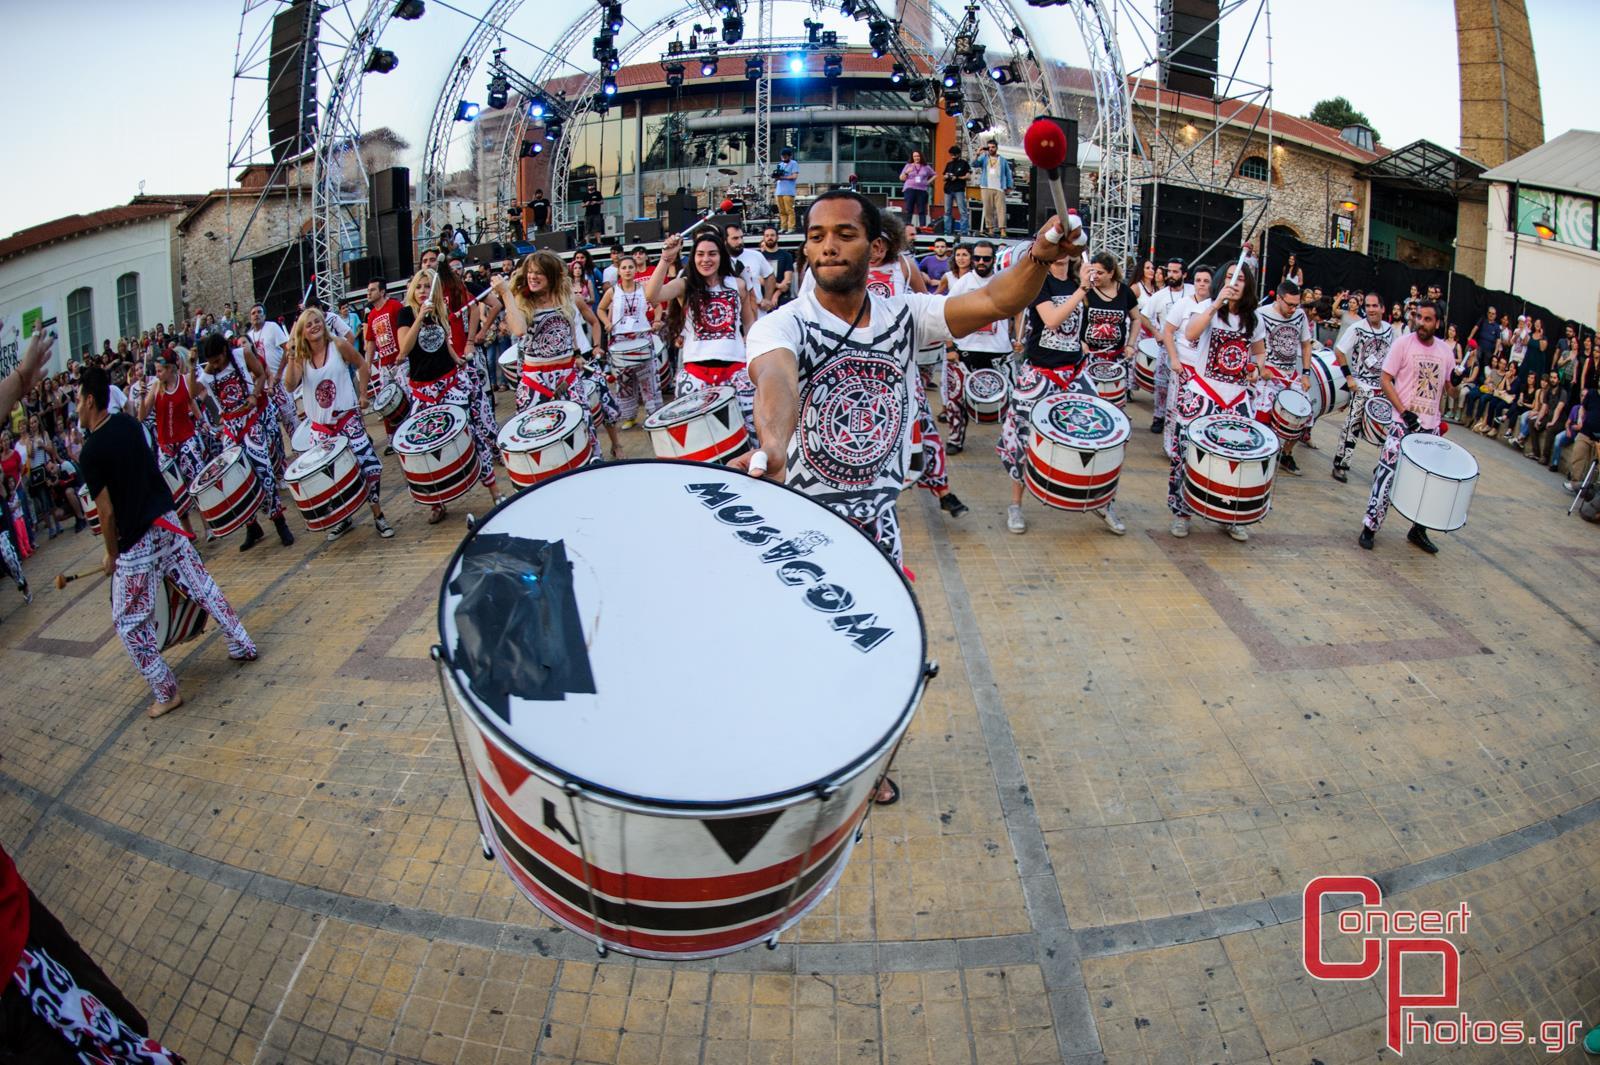 Μία συναυλία για τη Σχεδία 2014-Sxedia 2014 photographer:  - concertphotos_20140526_20_25_03